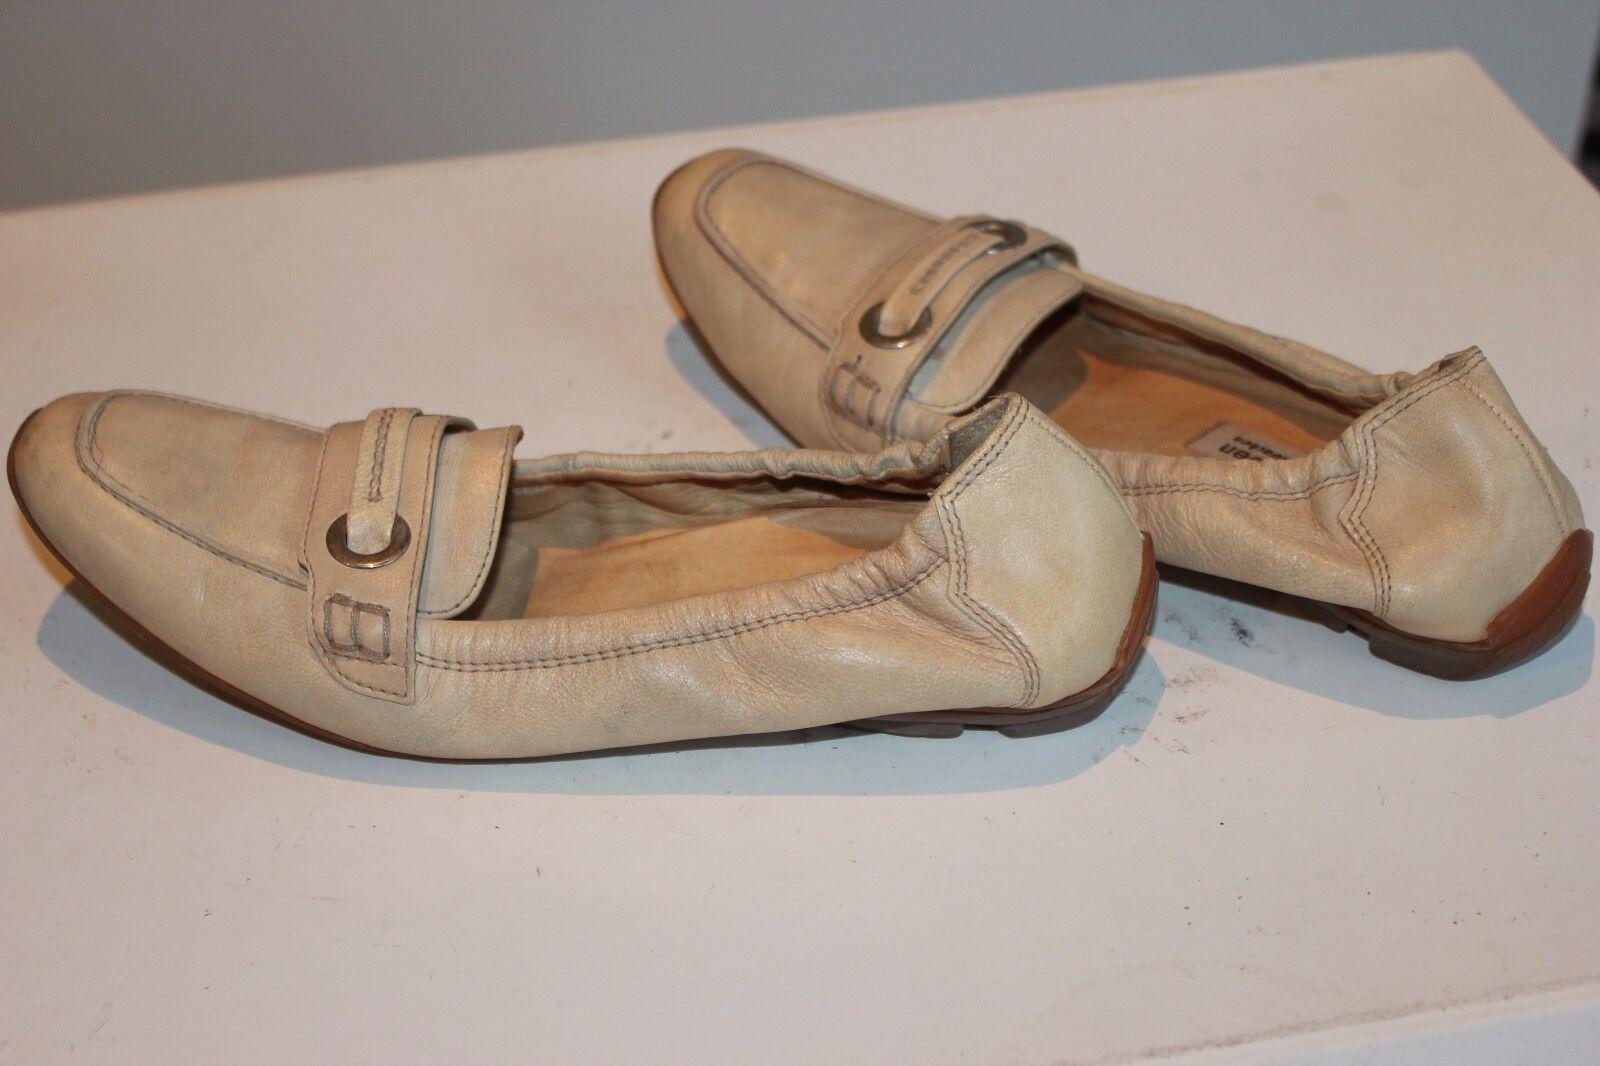 PAUL GREEN Echtleder Traum Beige Echtleder GREEN Ballerinas, Gr. 37/UK4,5 62b626